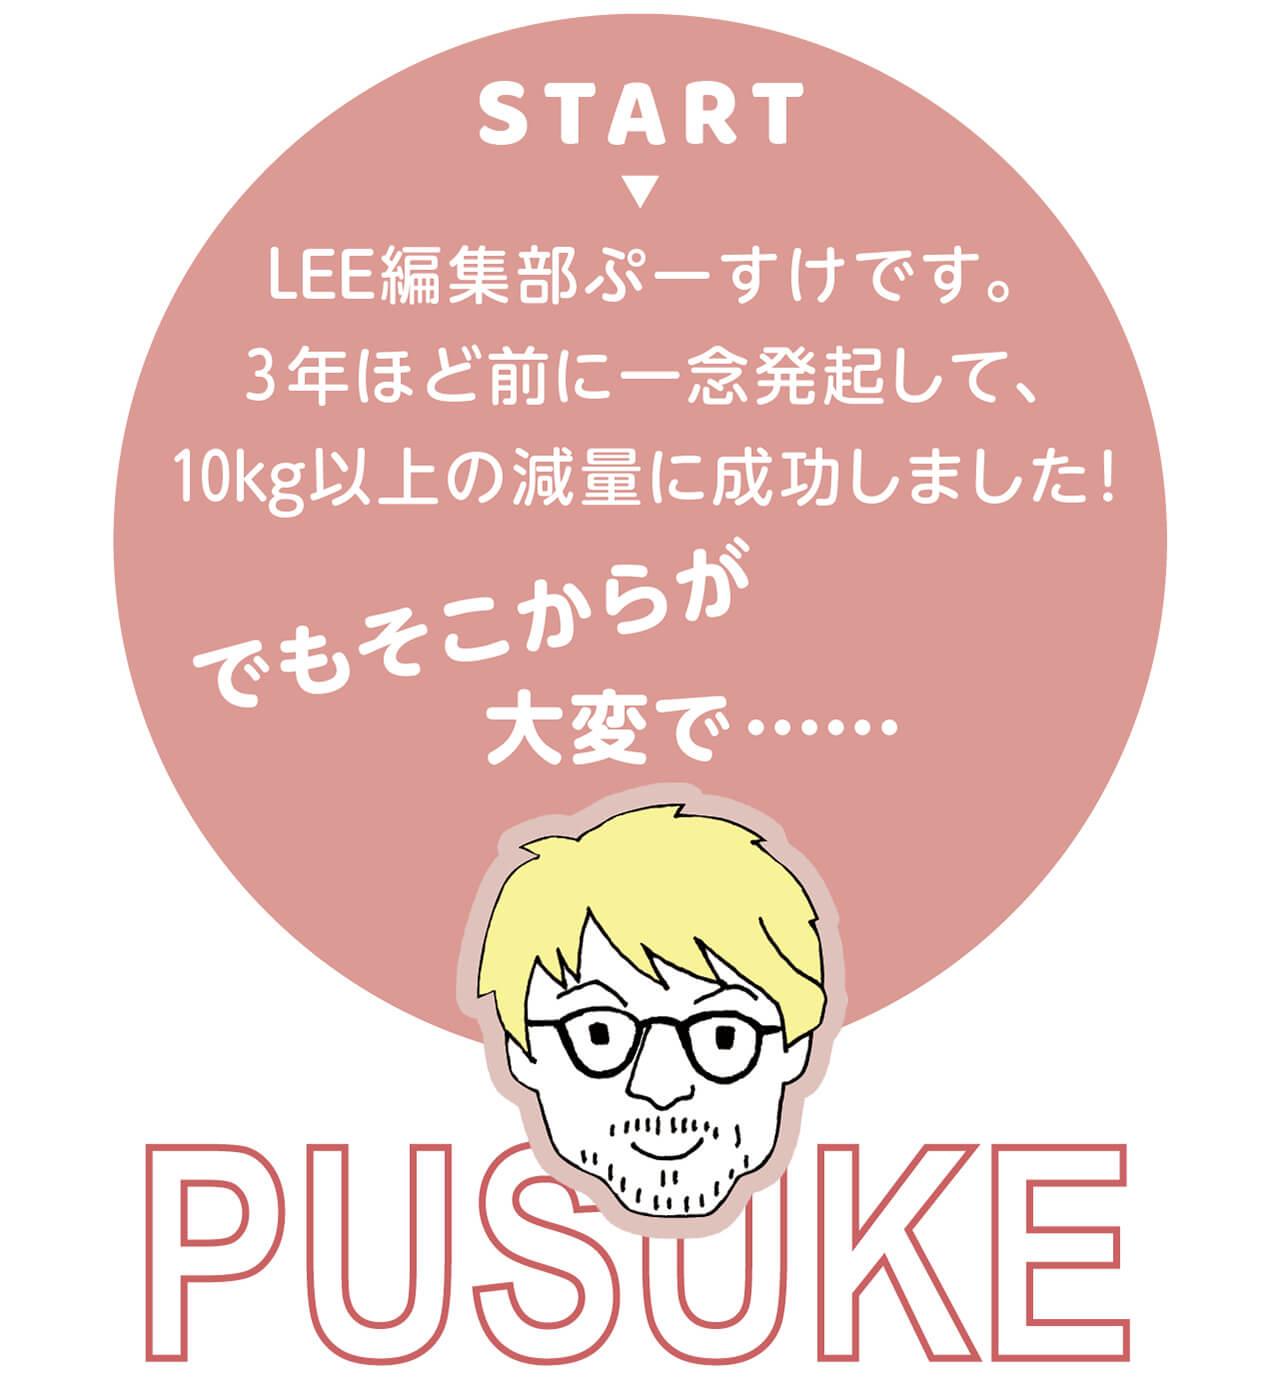 START LEE編集部ぷーすけです。3年ほど前に一念発起して、10kg以上の減量に成功しました! でもそこからが大変で…… PUSUKE/LEE編集部ぷーすけ